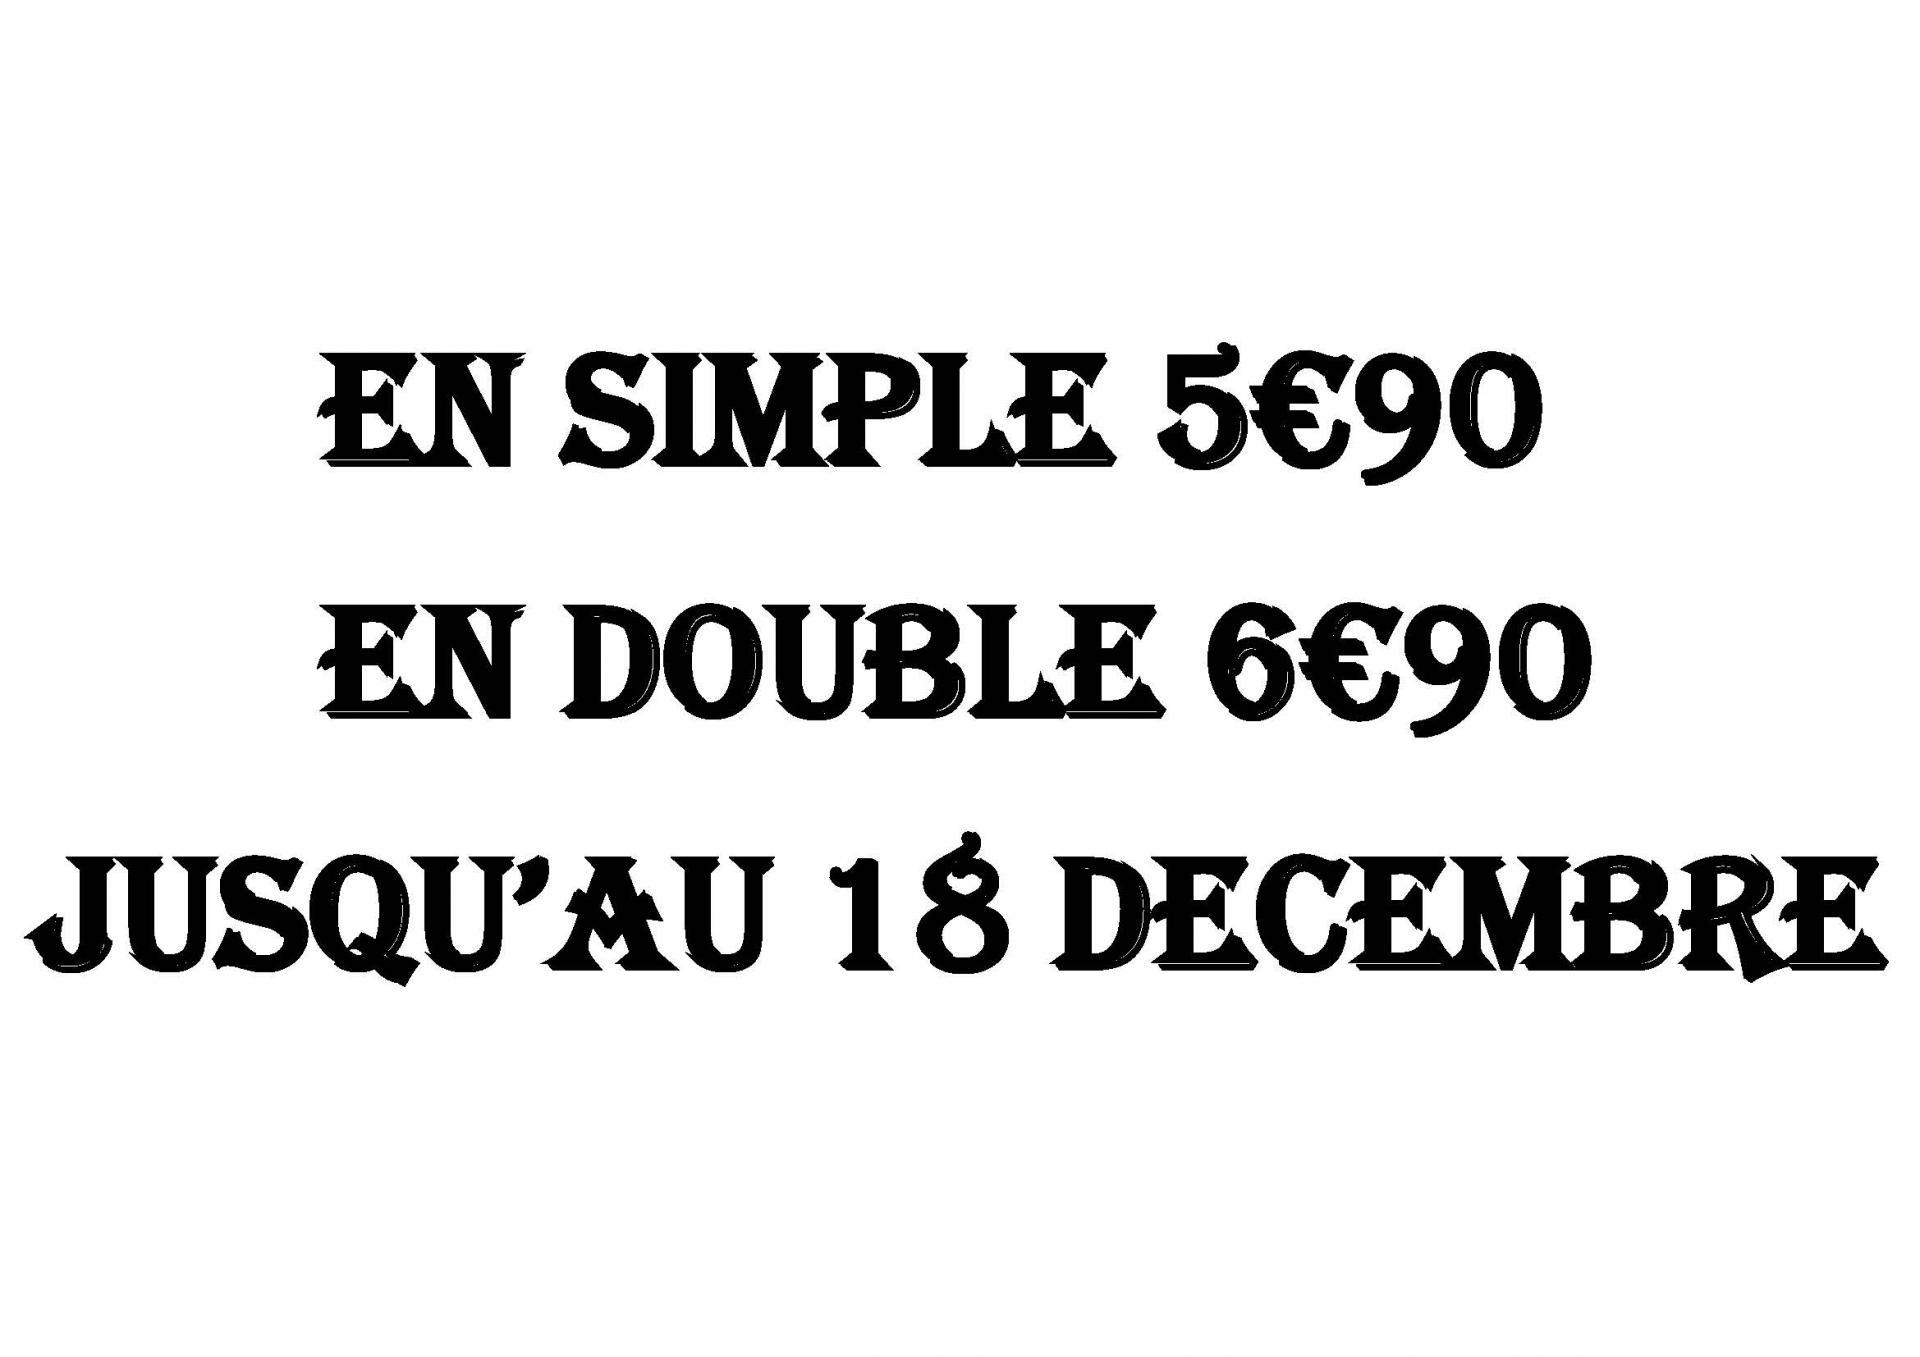 En simple 5